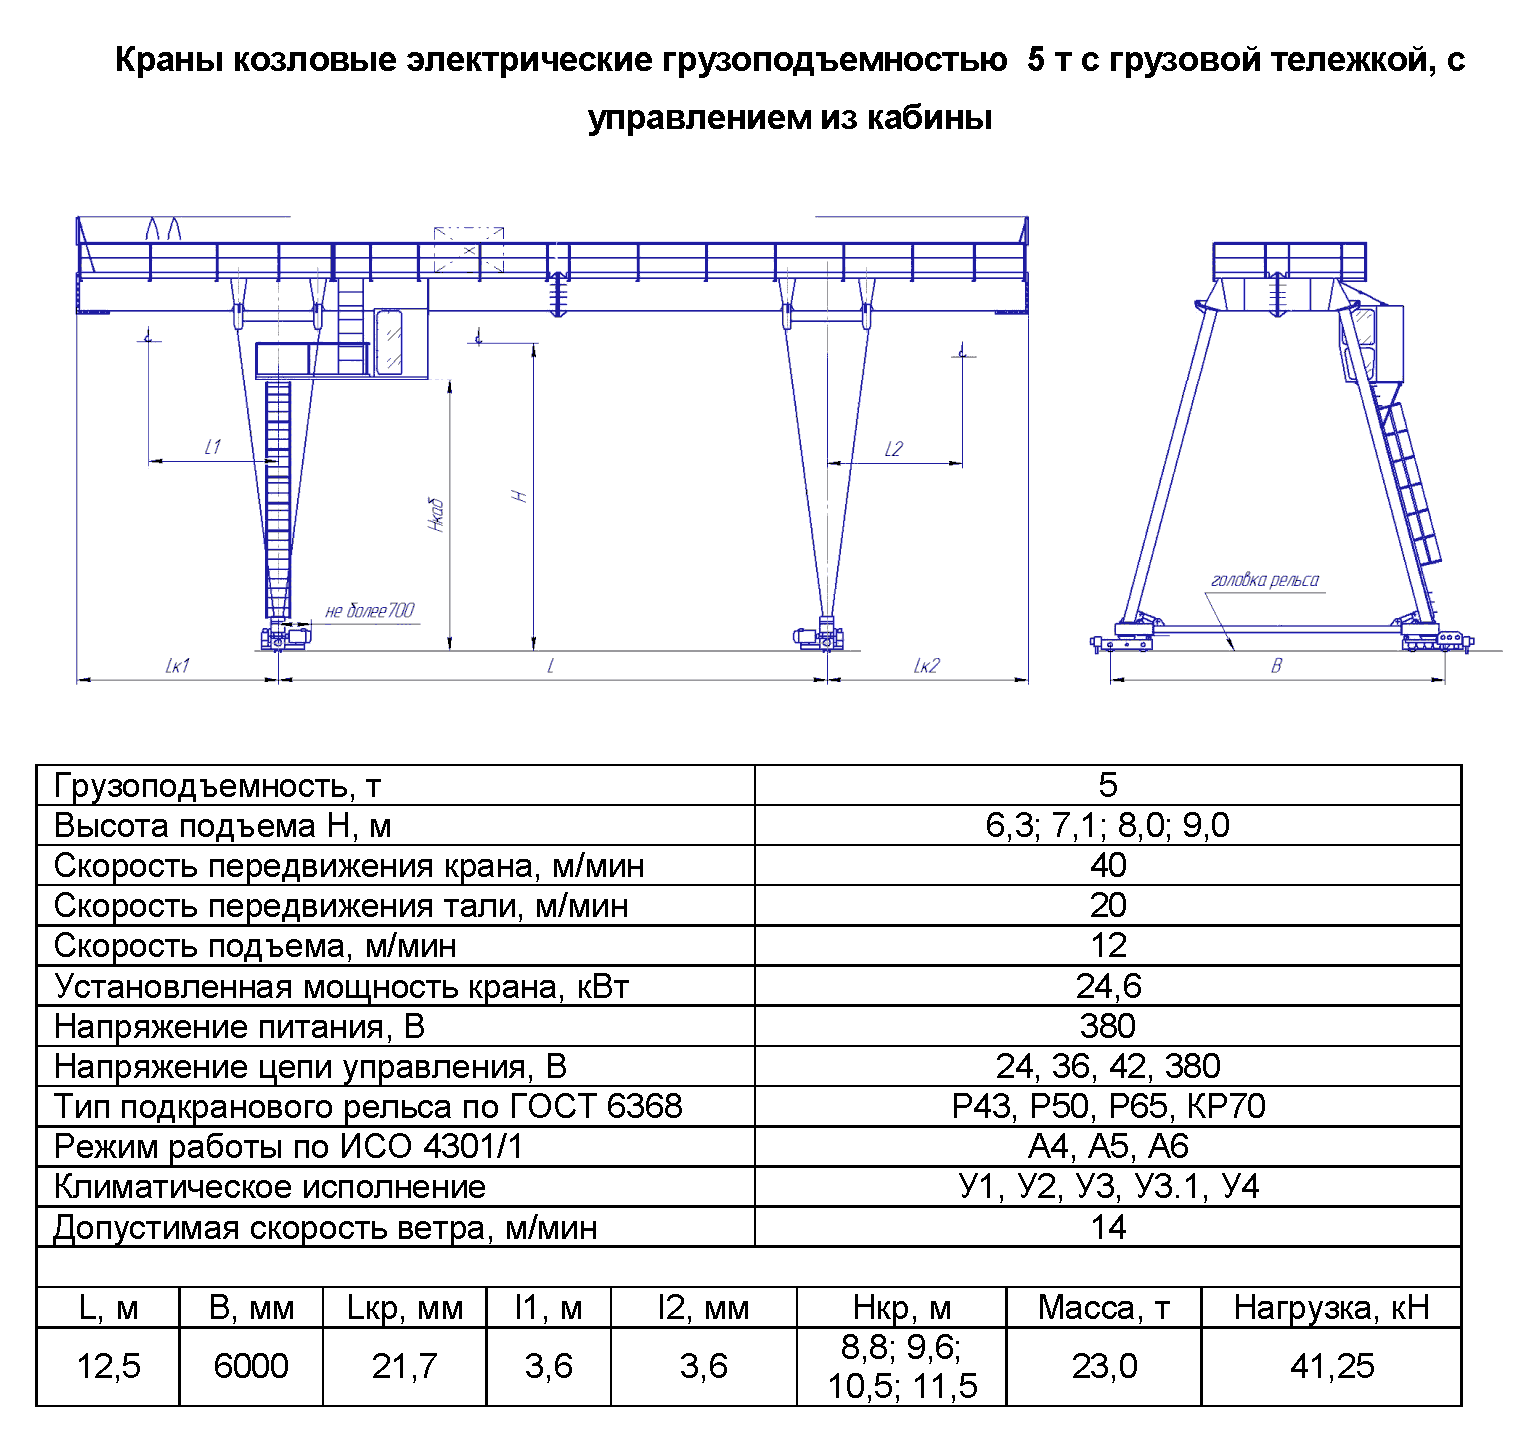 KKD 5 125 - Кран козловой электрический двухбалочный